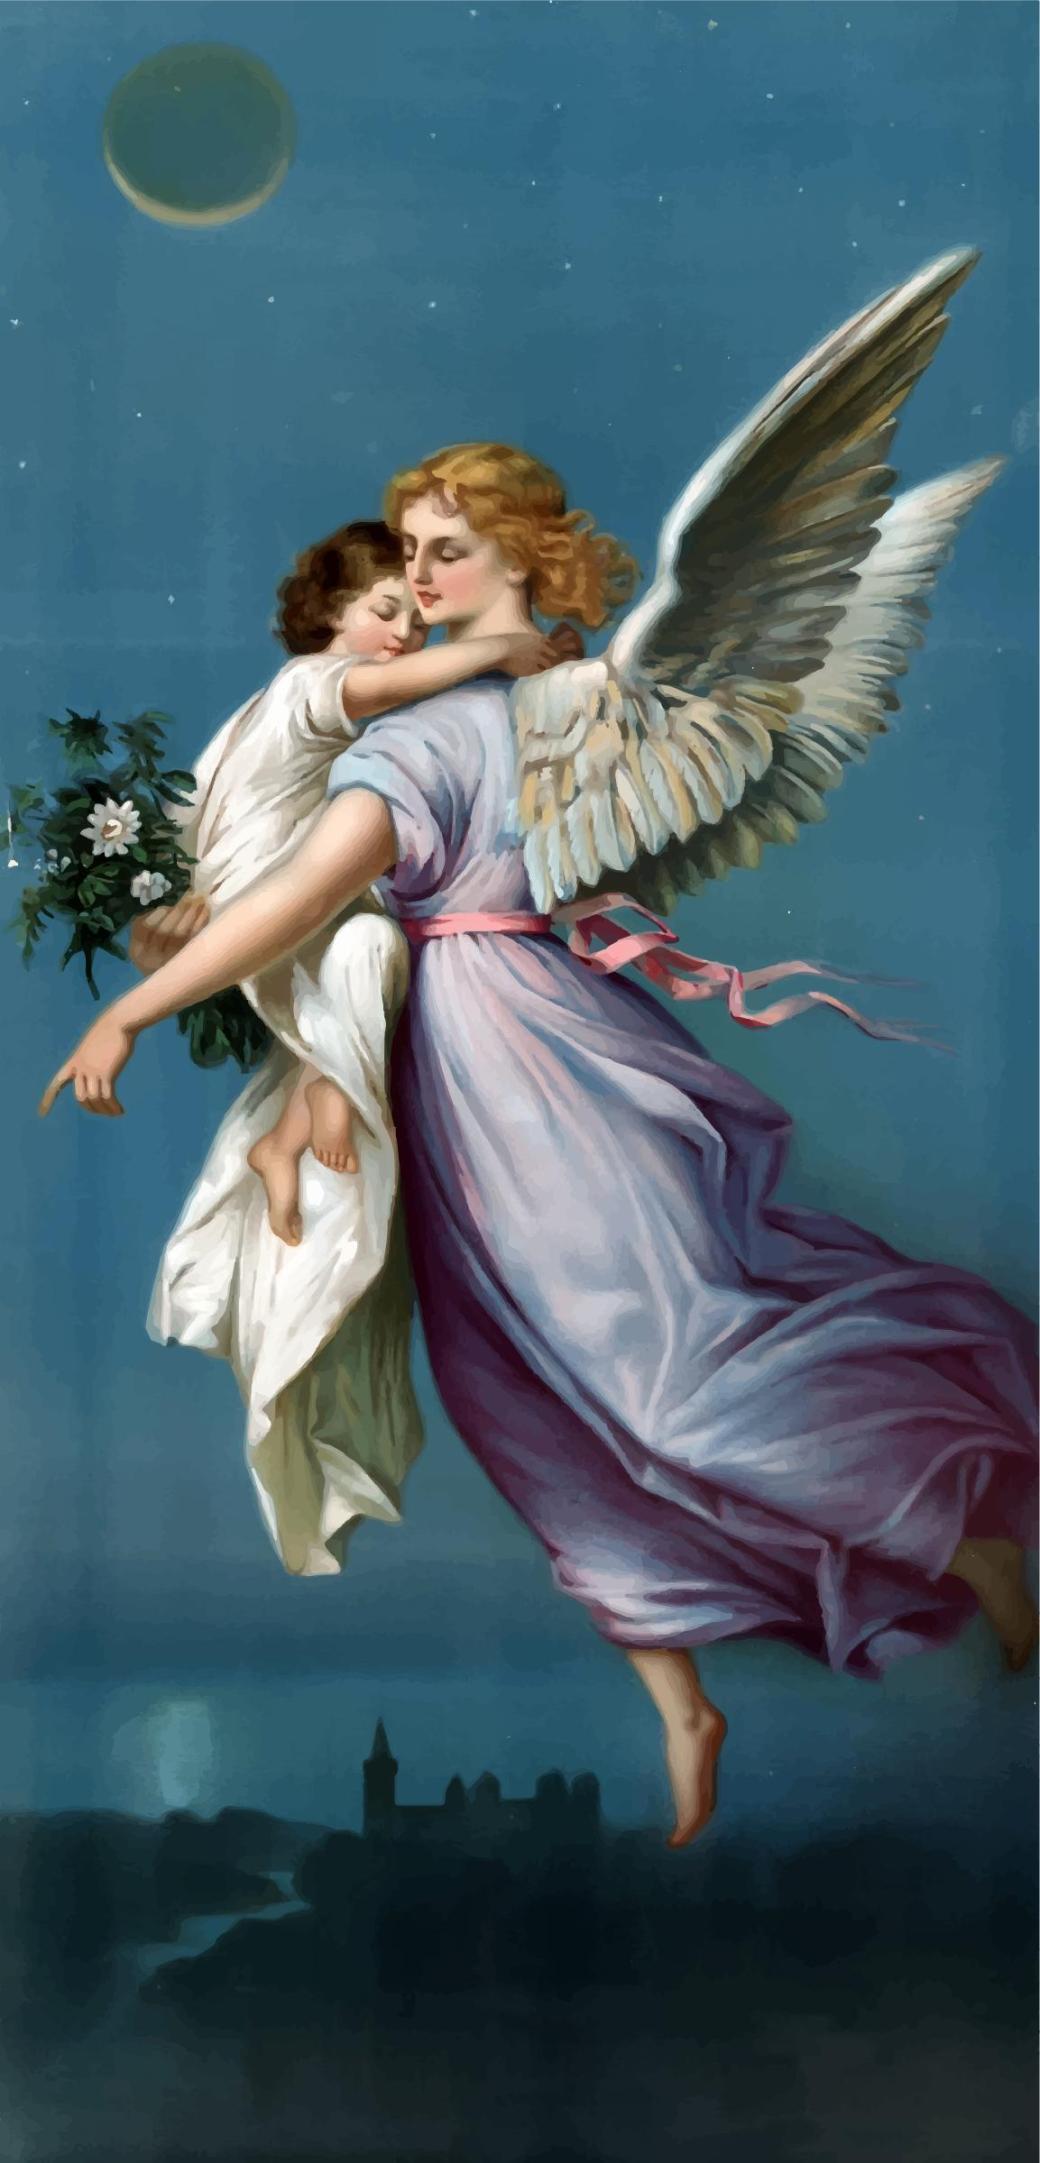 vintage-angel-and-child-illustration